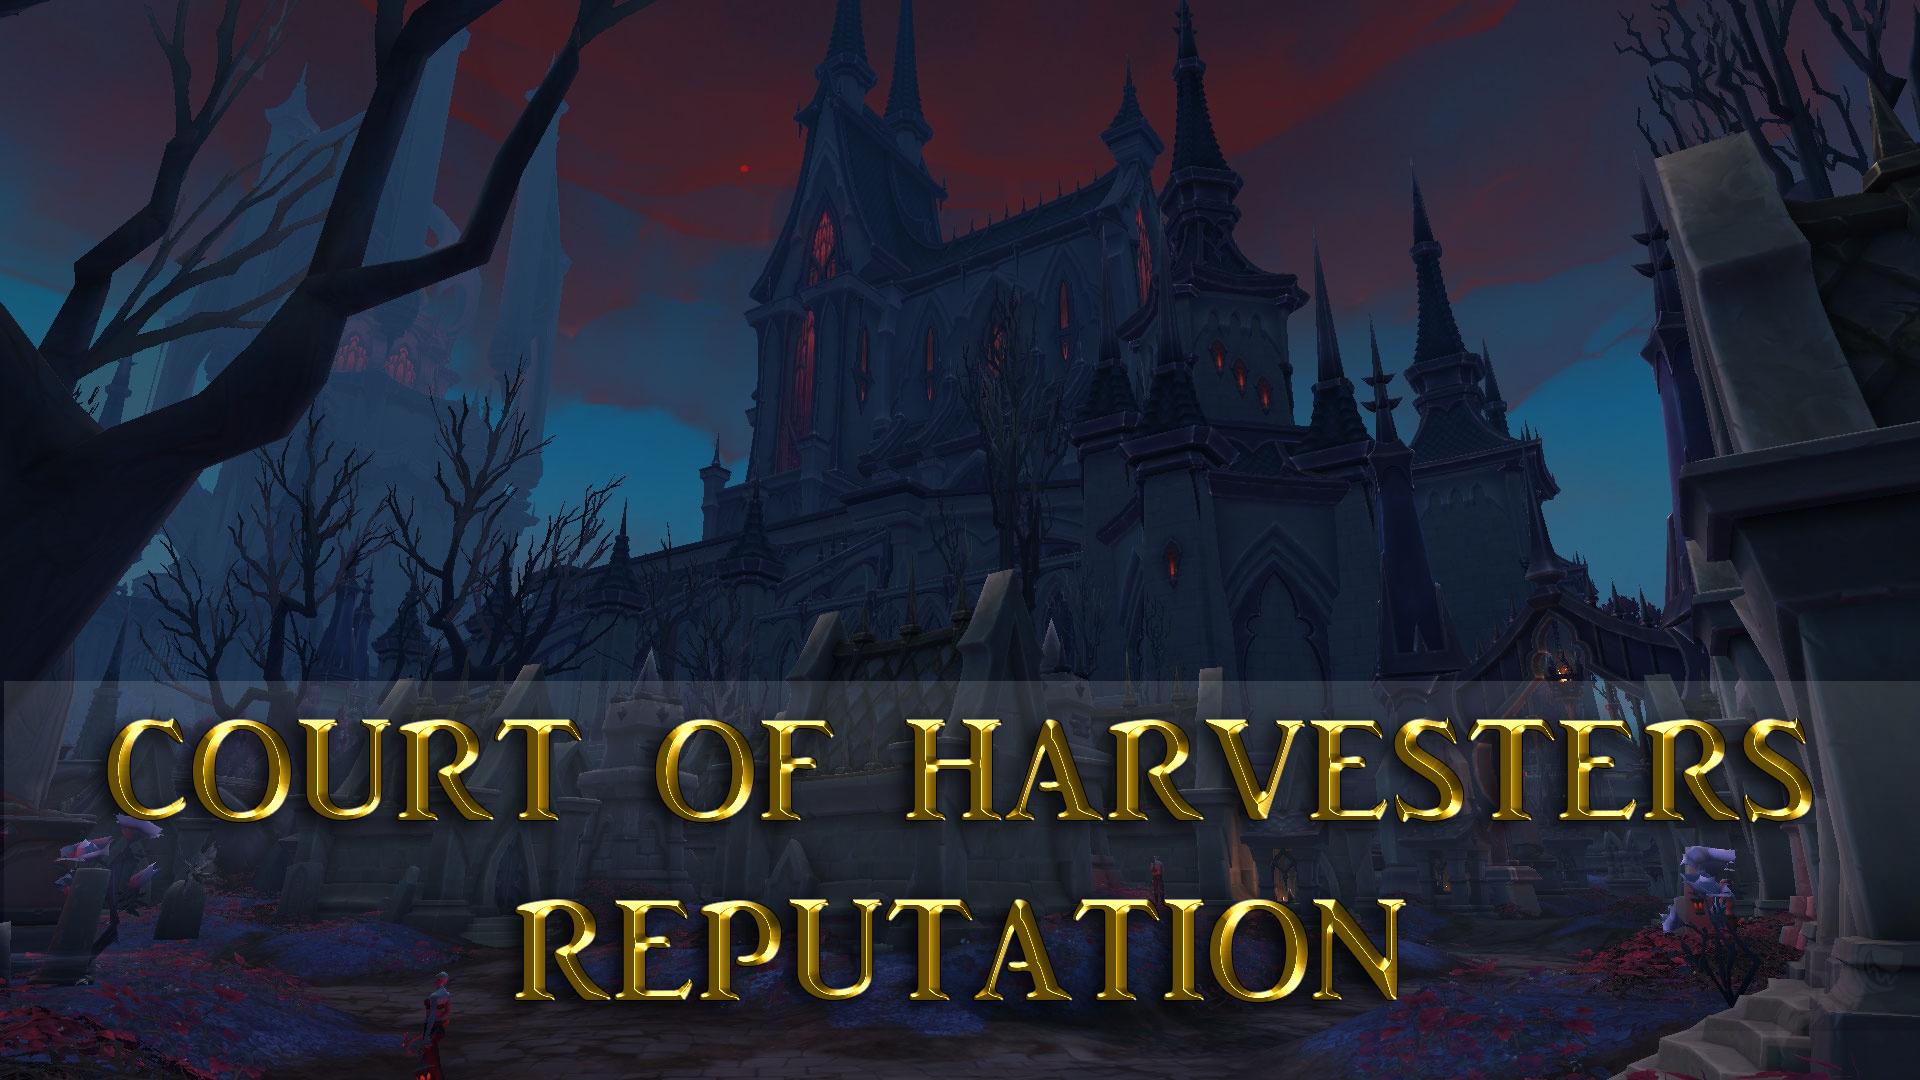 Court of Harvesters Reputation GBD - e2p.com